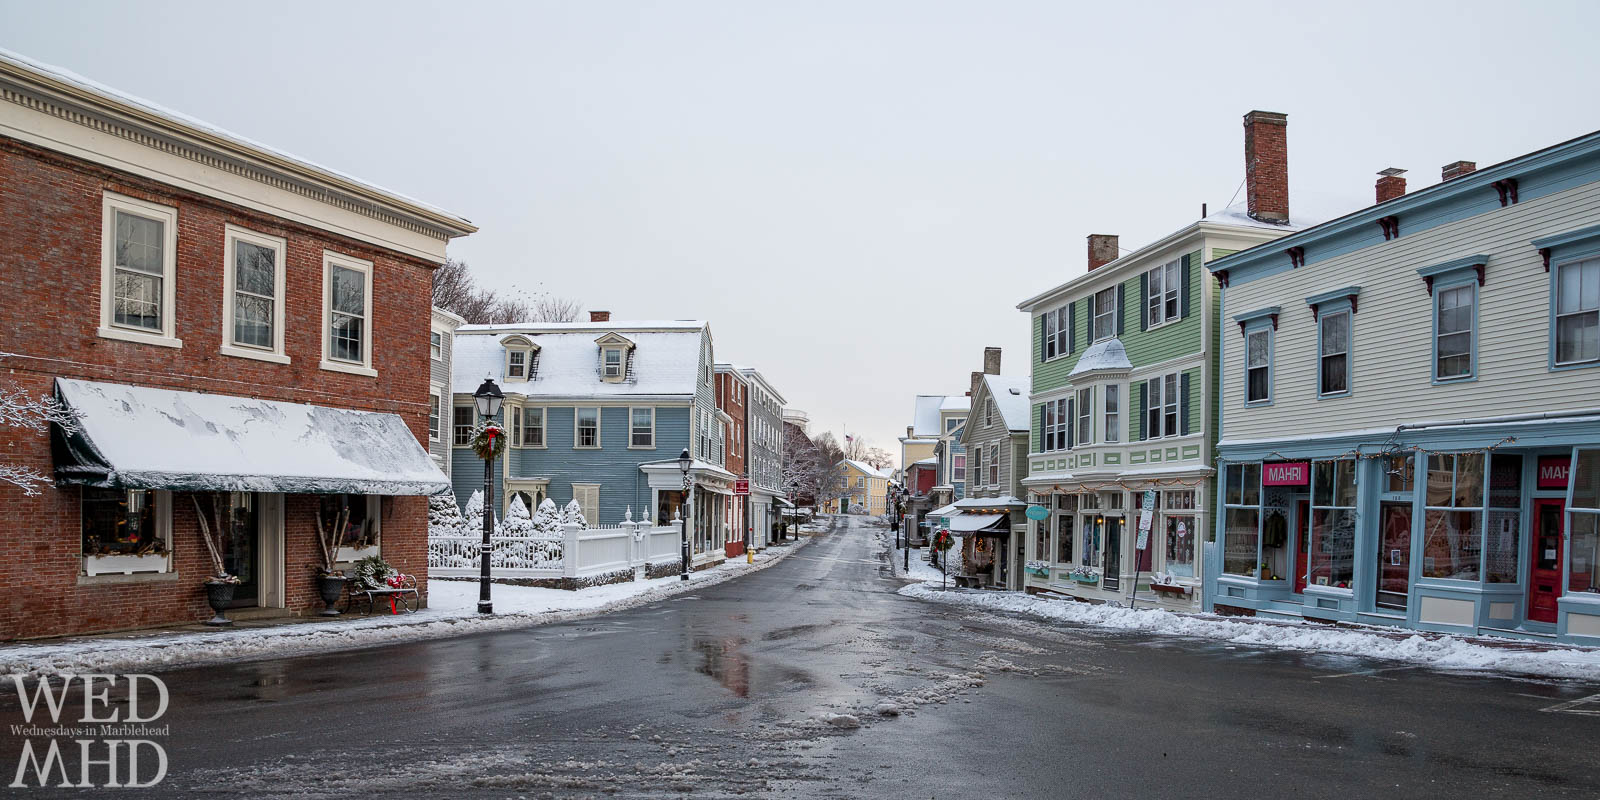 The Stores on Washington Street